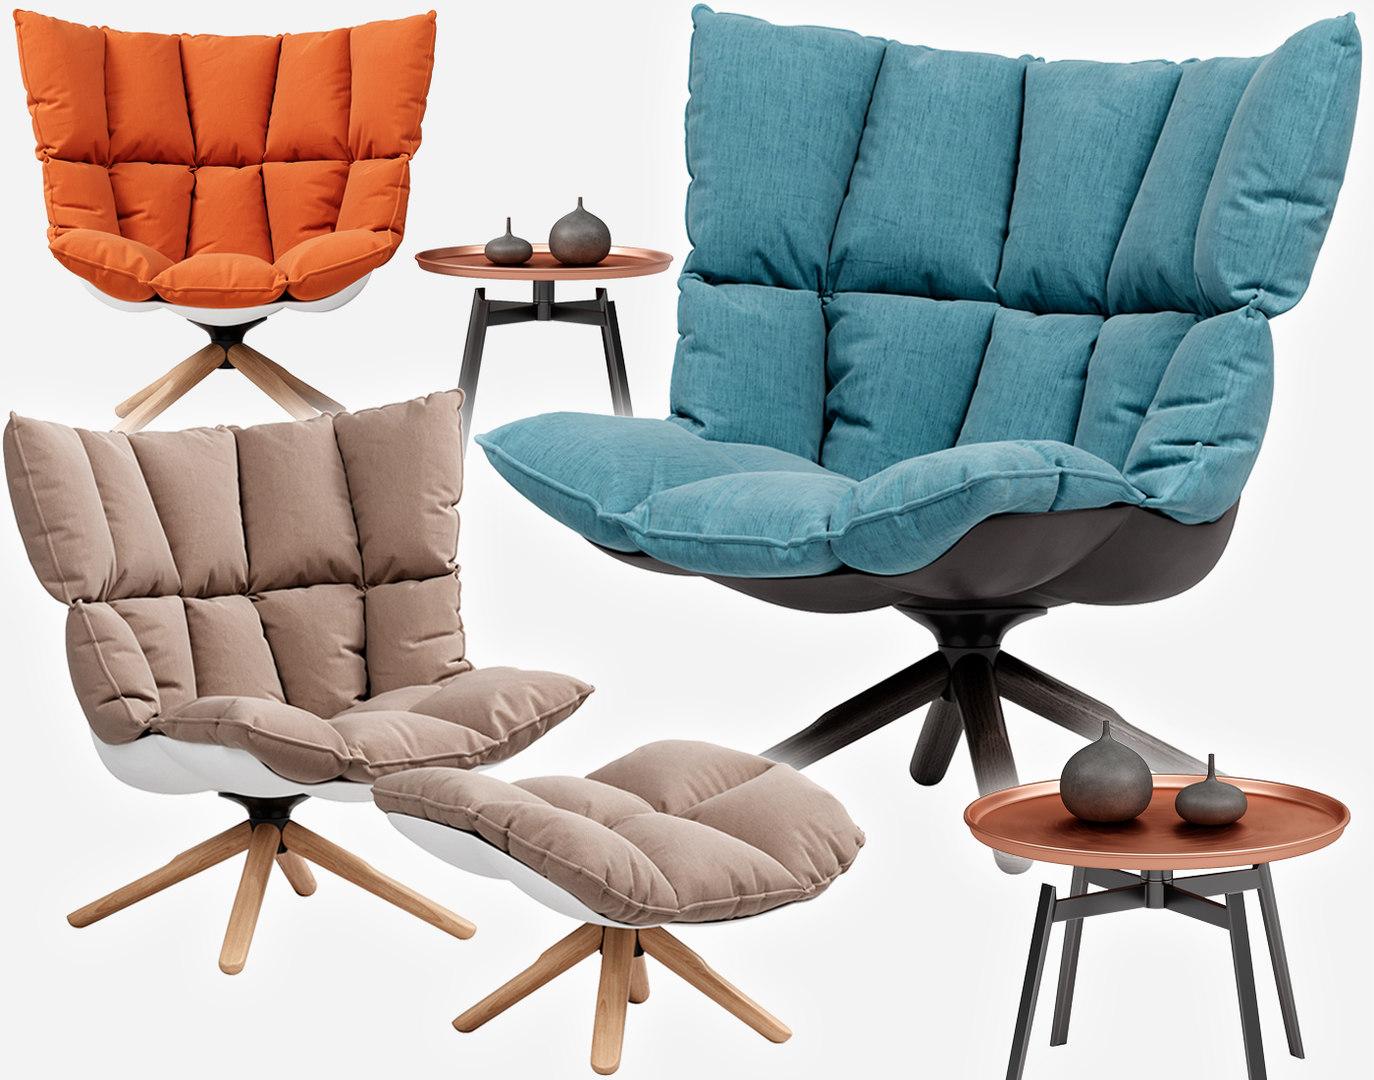 Free husk armchair b 3D - TurboSquid 1556195